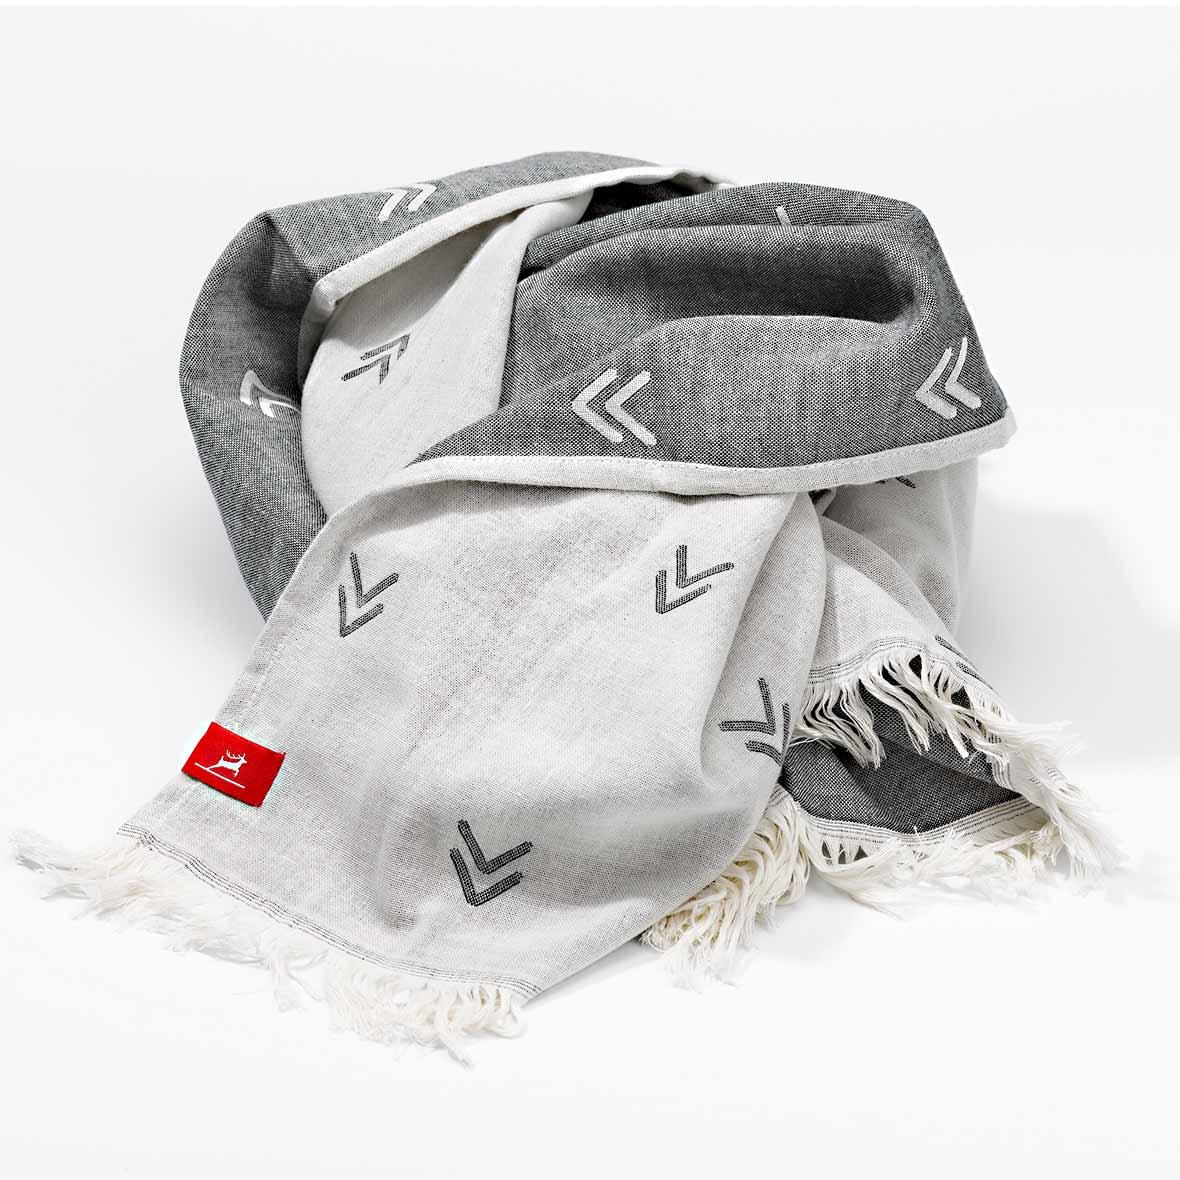 Arrow Towel – Tuch und Decke zugleich